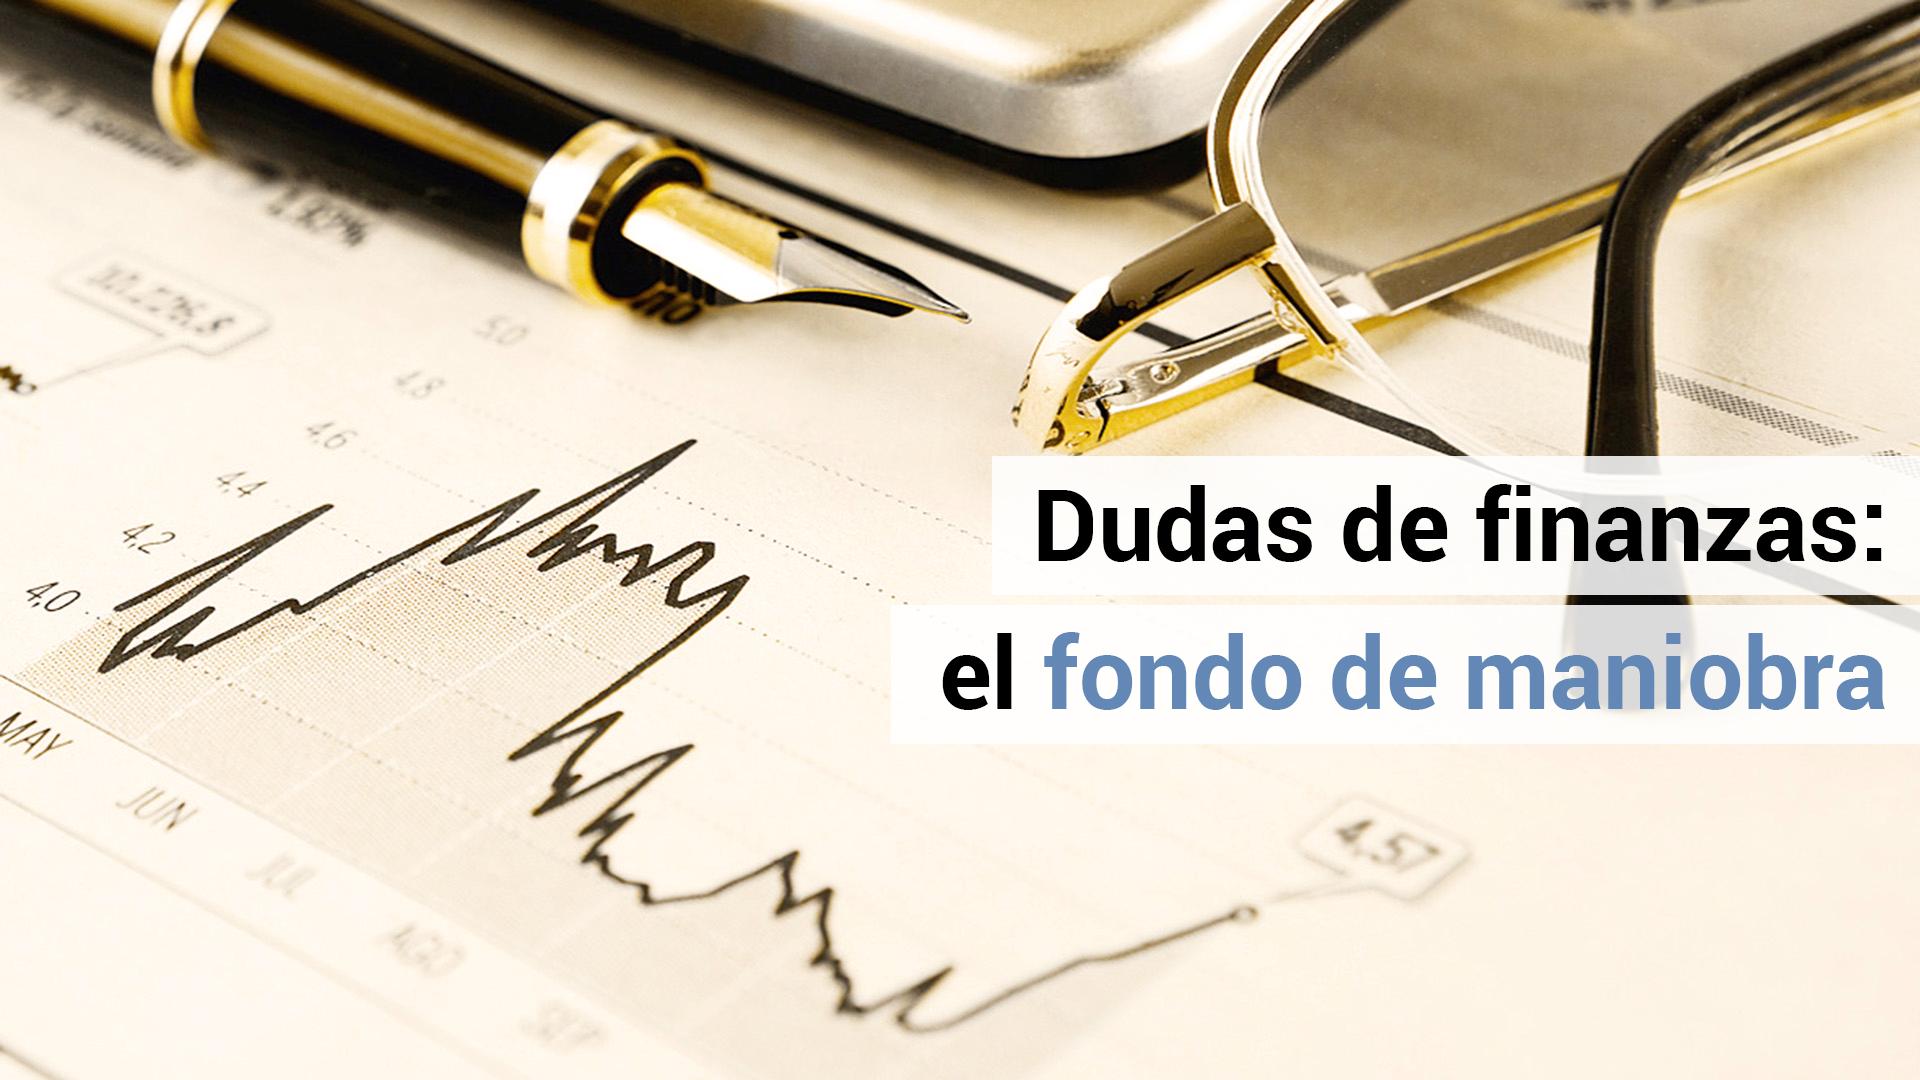 Dudas de finanzas: ¿qué es el fondo de maniobra?